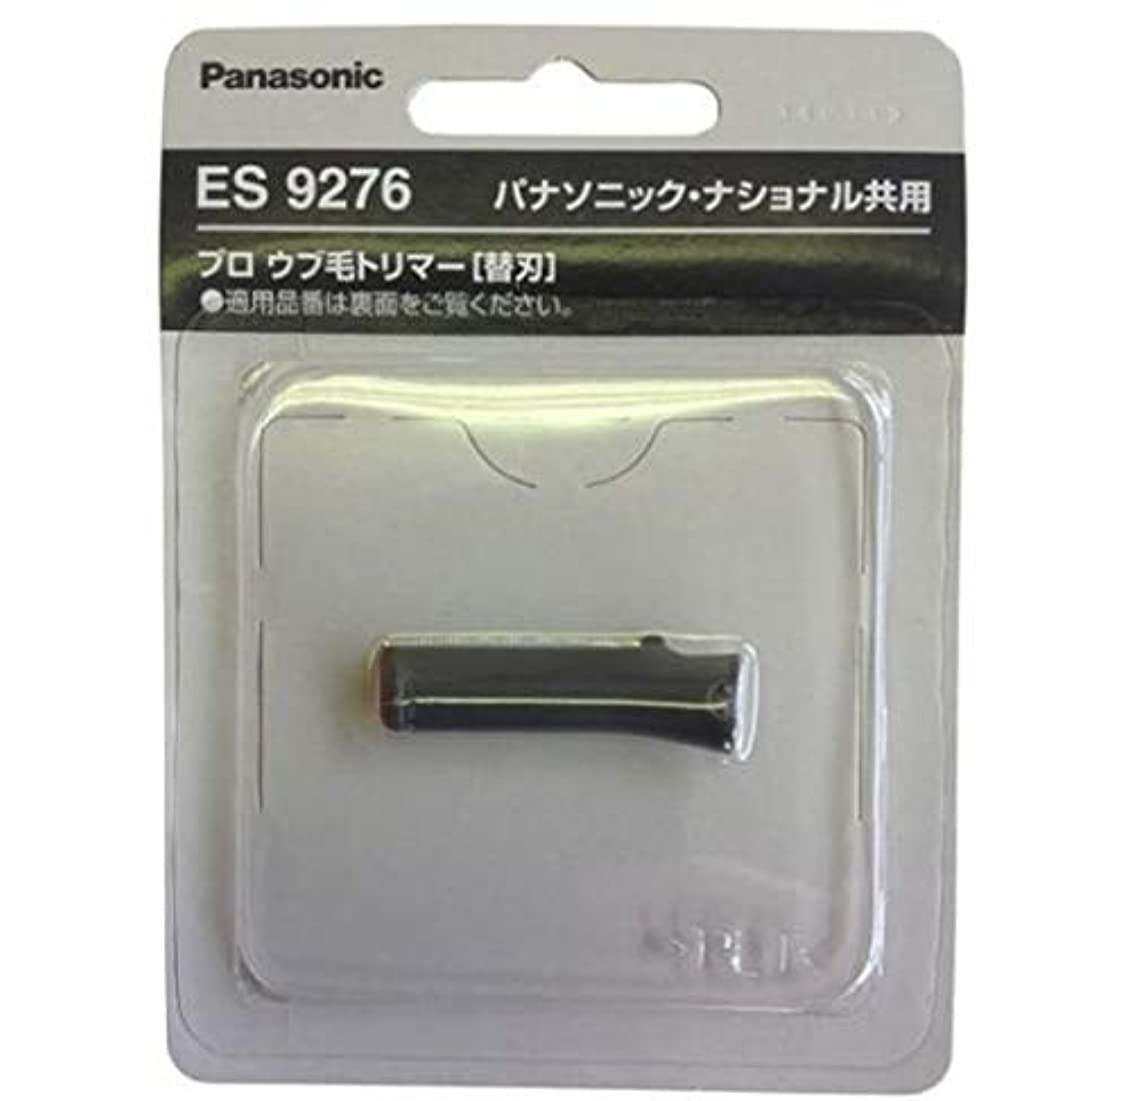 バラバラにするソファー汚れるパナソニック プロうぶ毛トリマーES2119P-S専用替刃